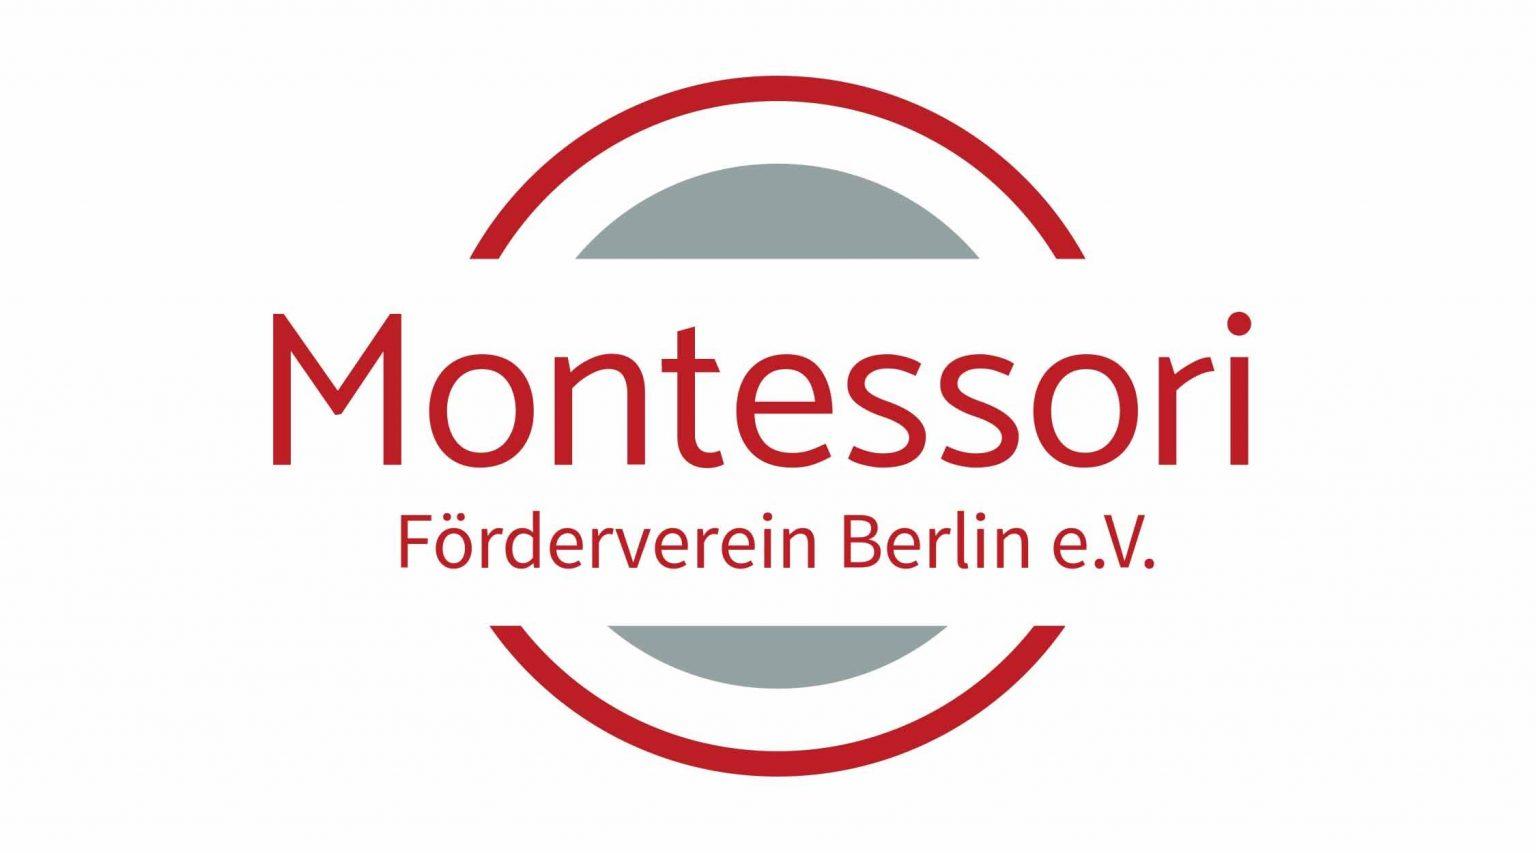 Willkommen bei dem Montessori Förderverein Berlin e.V.